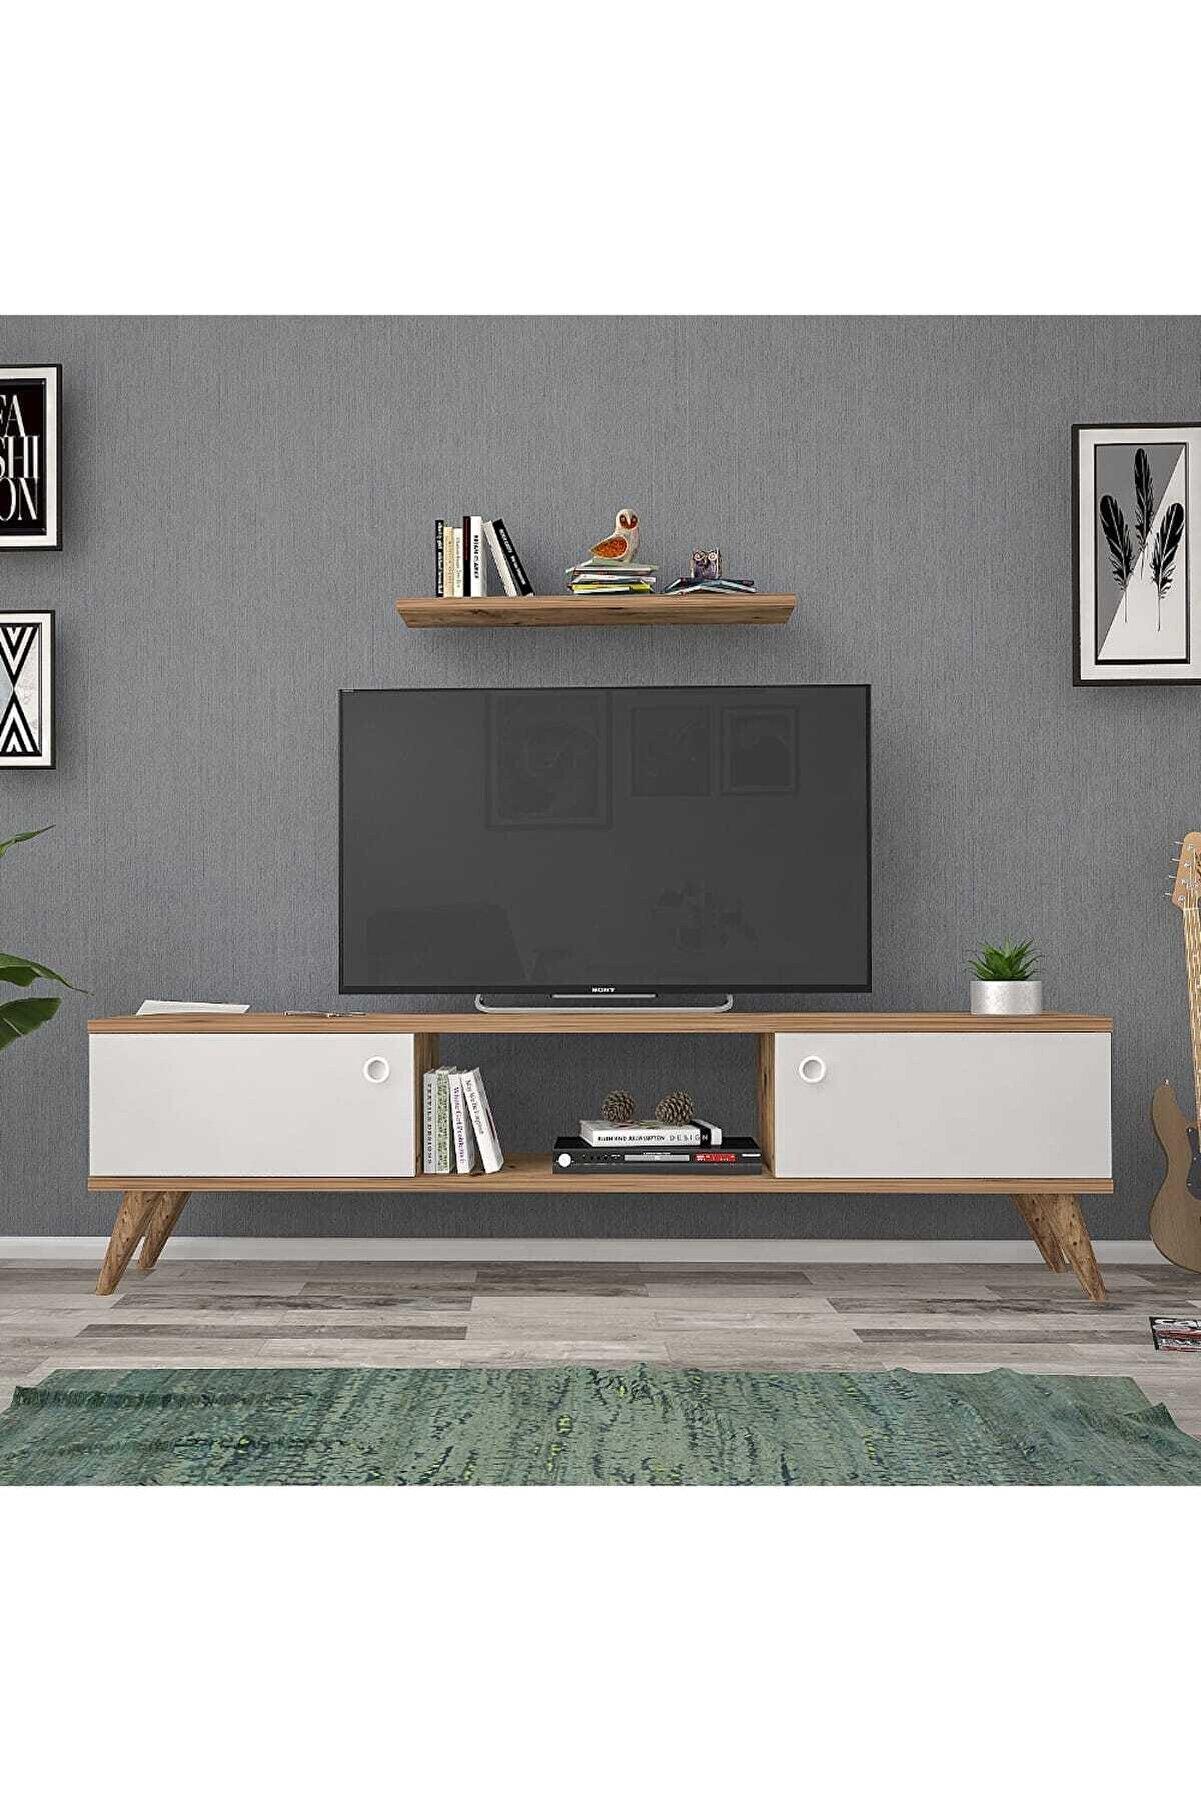 Mbes Mobilya 140 Cm Eda Atlantik -beyaz Tv Ünitesi